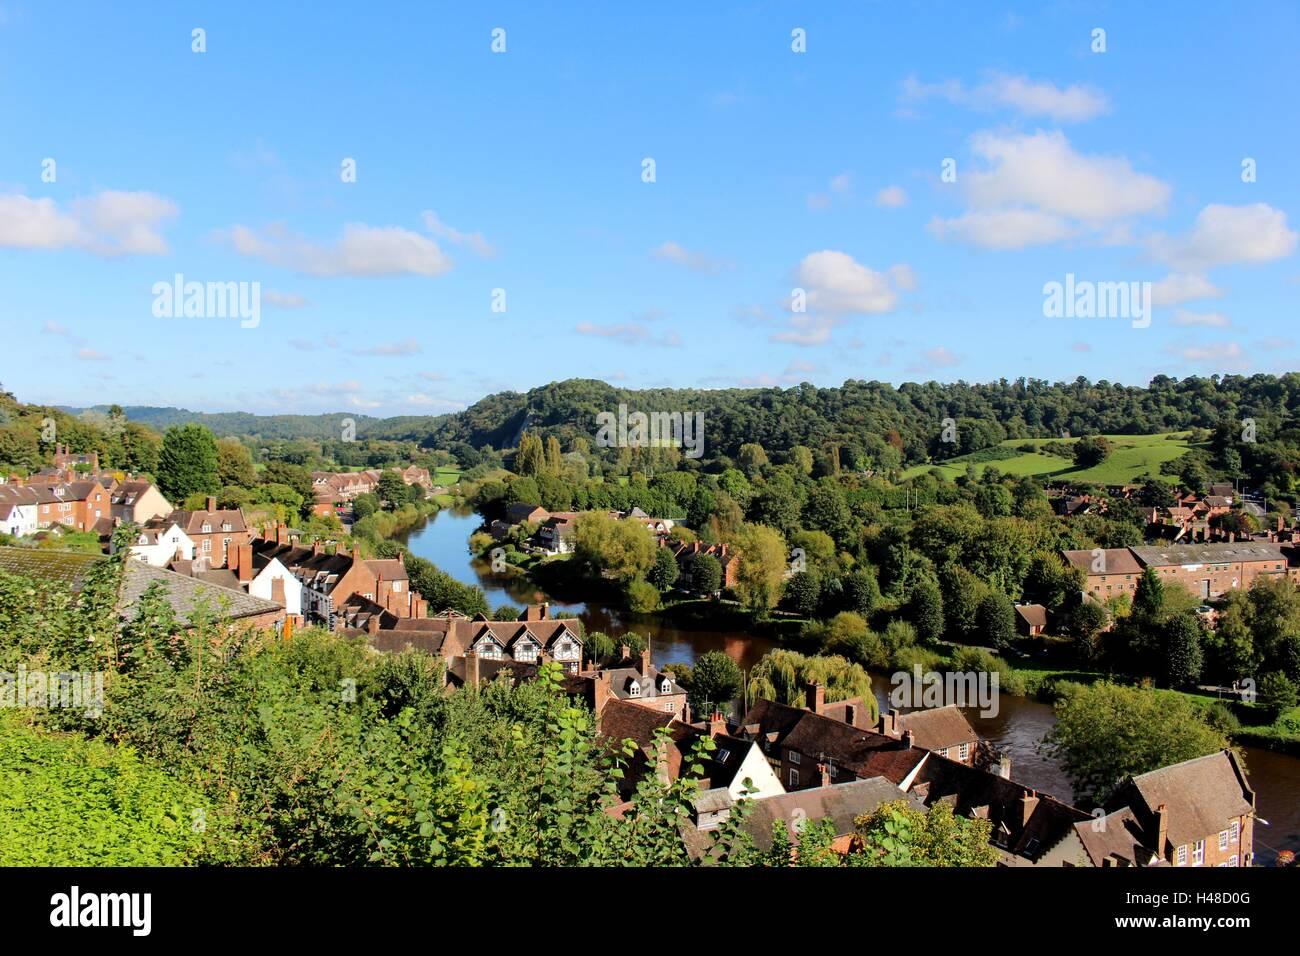 Ein perfekter Tag, um die Aussicht von oben auf Bridgnorths Castle Hill zu schätzen wissen. Stockbild